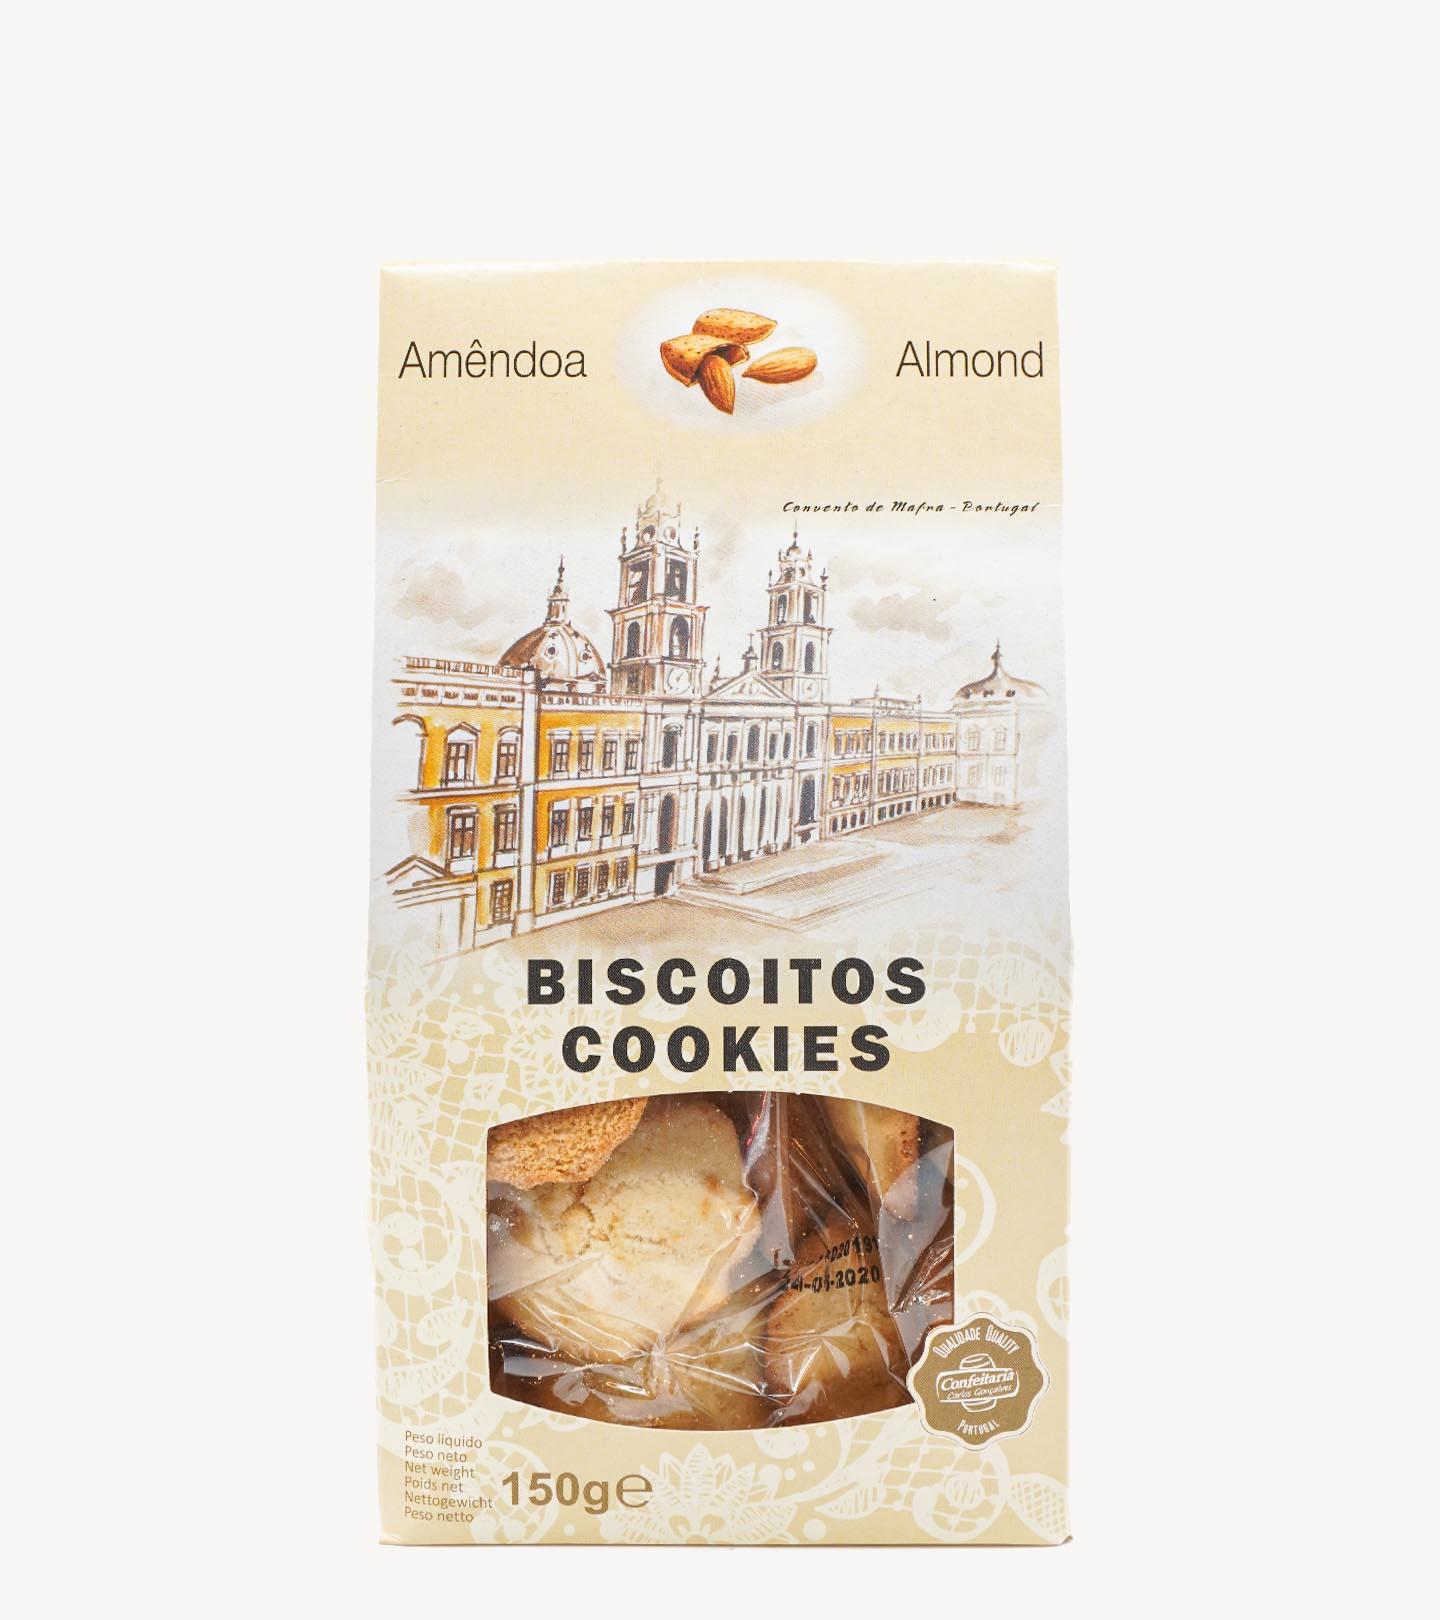 Biscoitos de Amêndoa Confeitaria Carlos Gonçalves 150 g